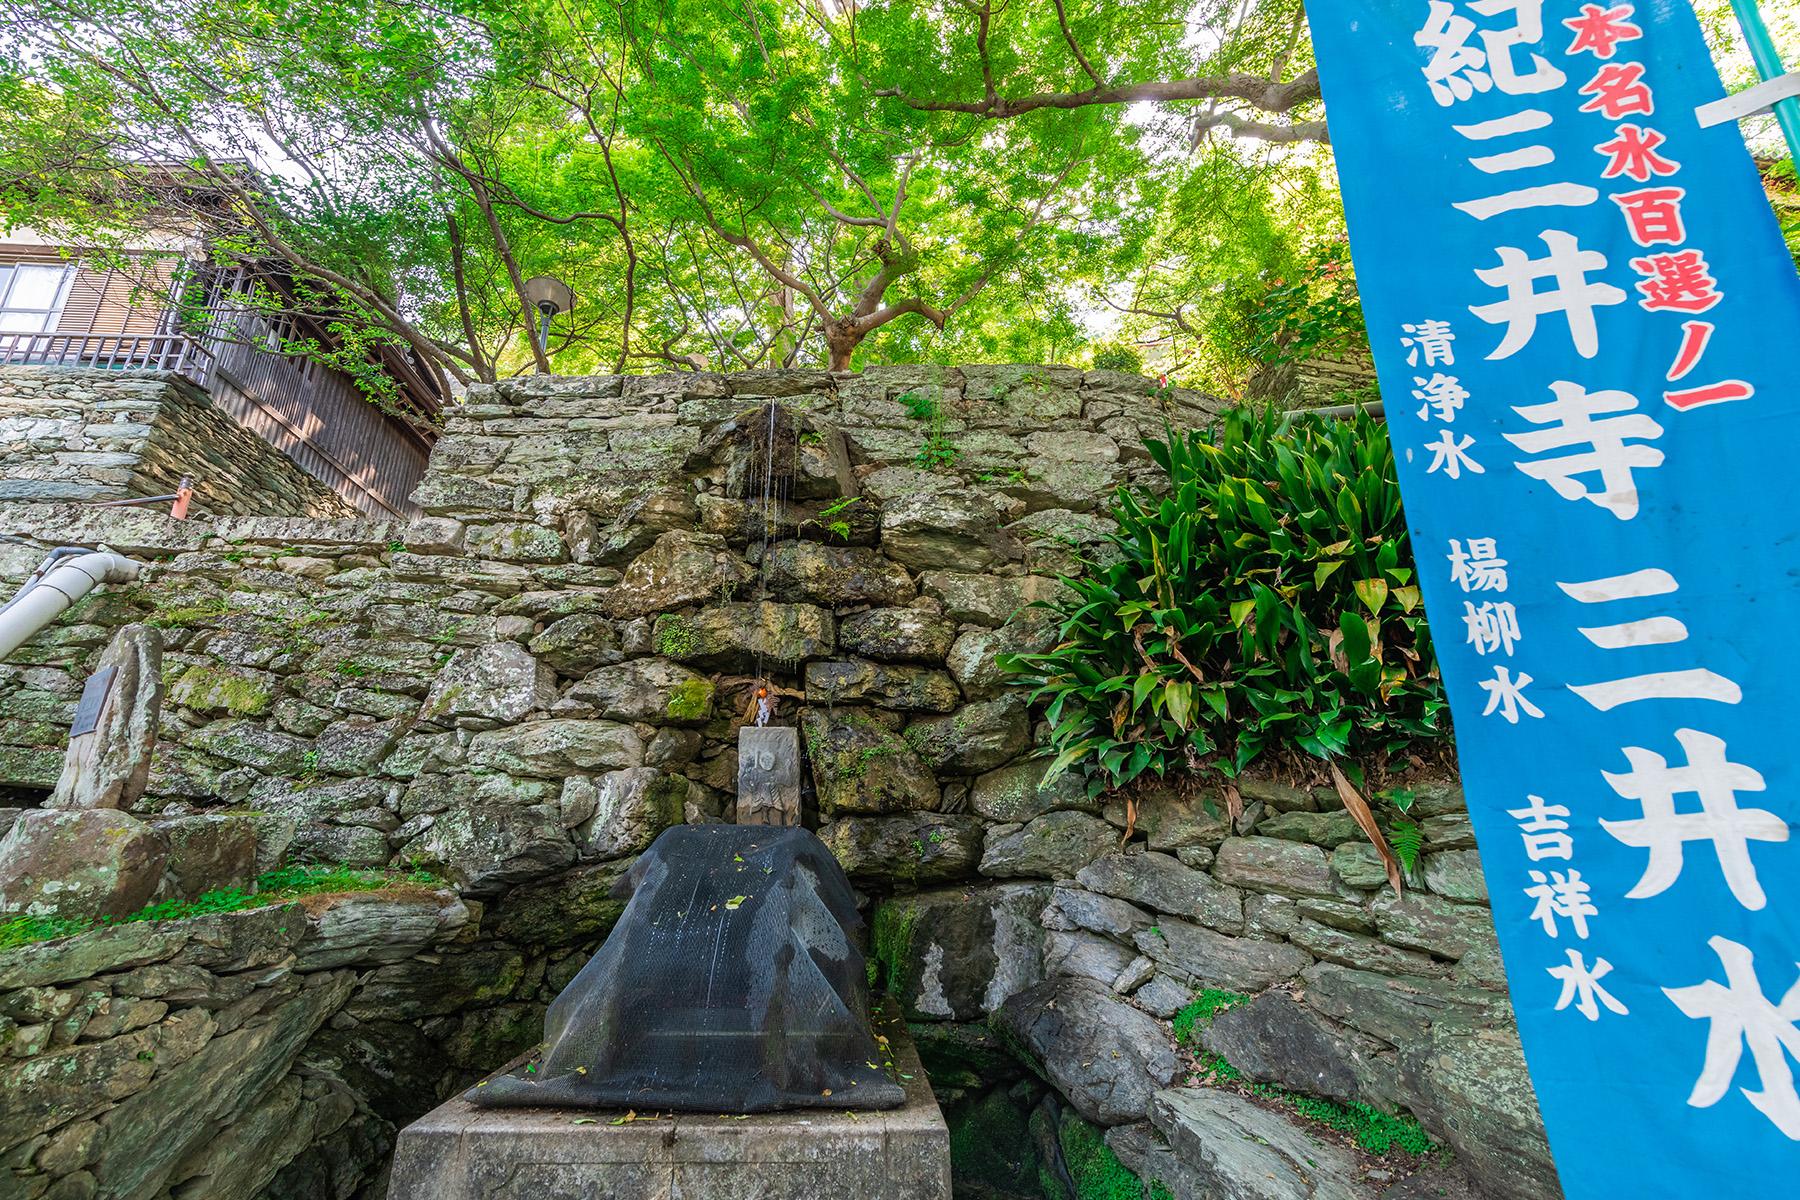 西国札所 第2番【金剛宝寺護国院】